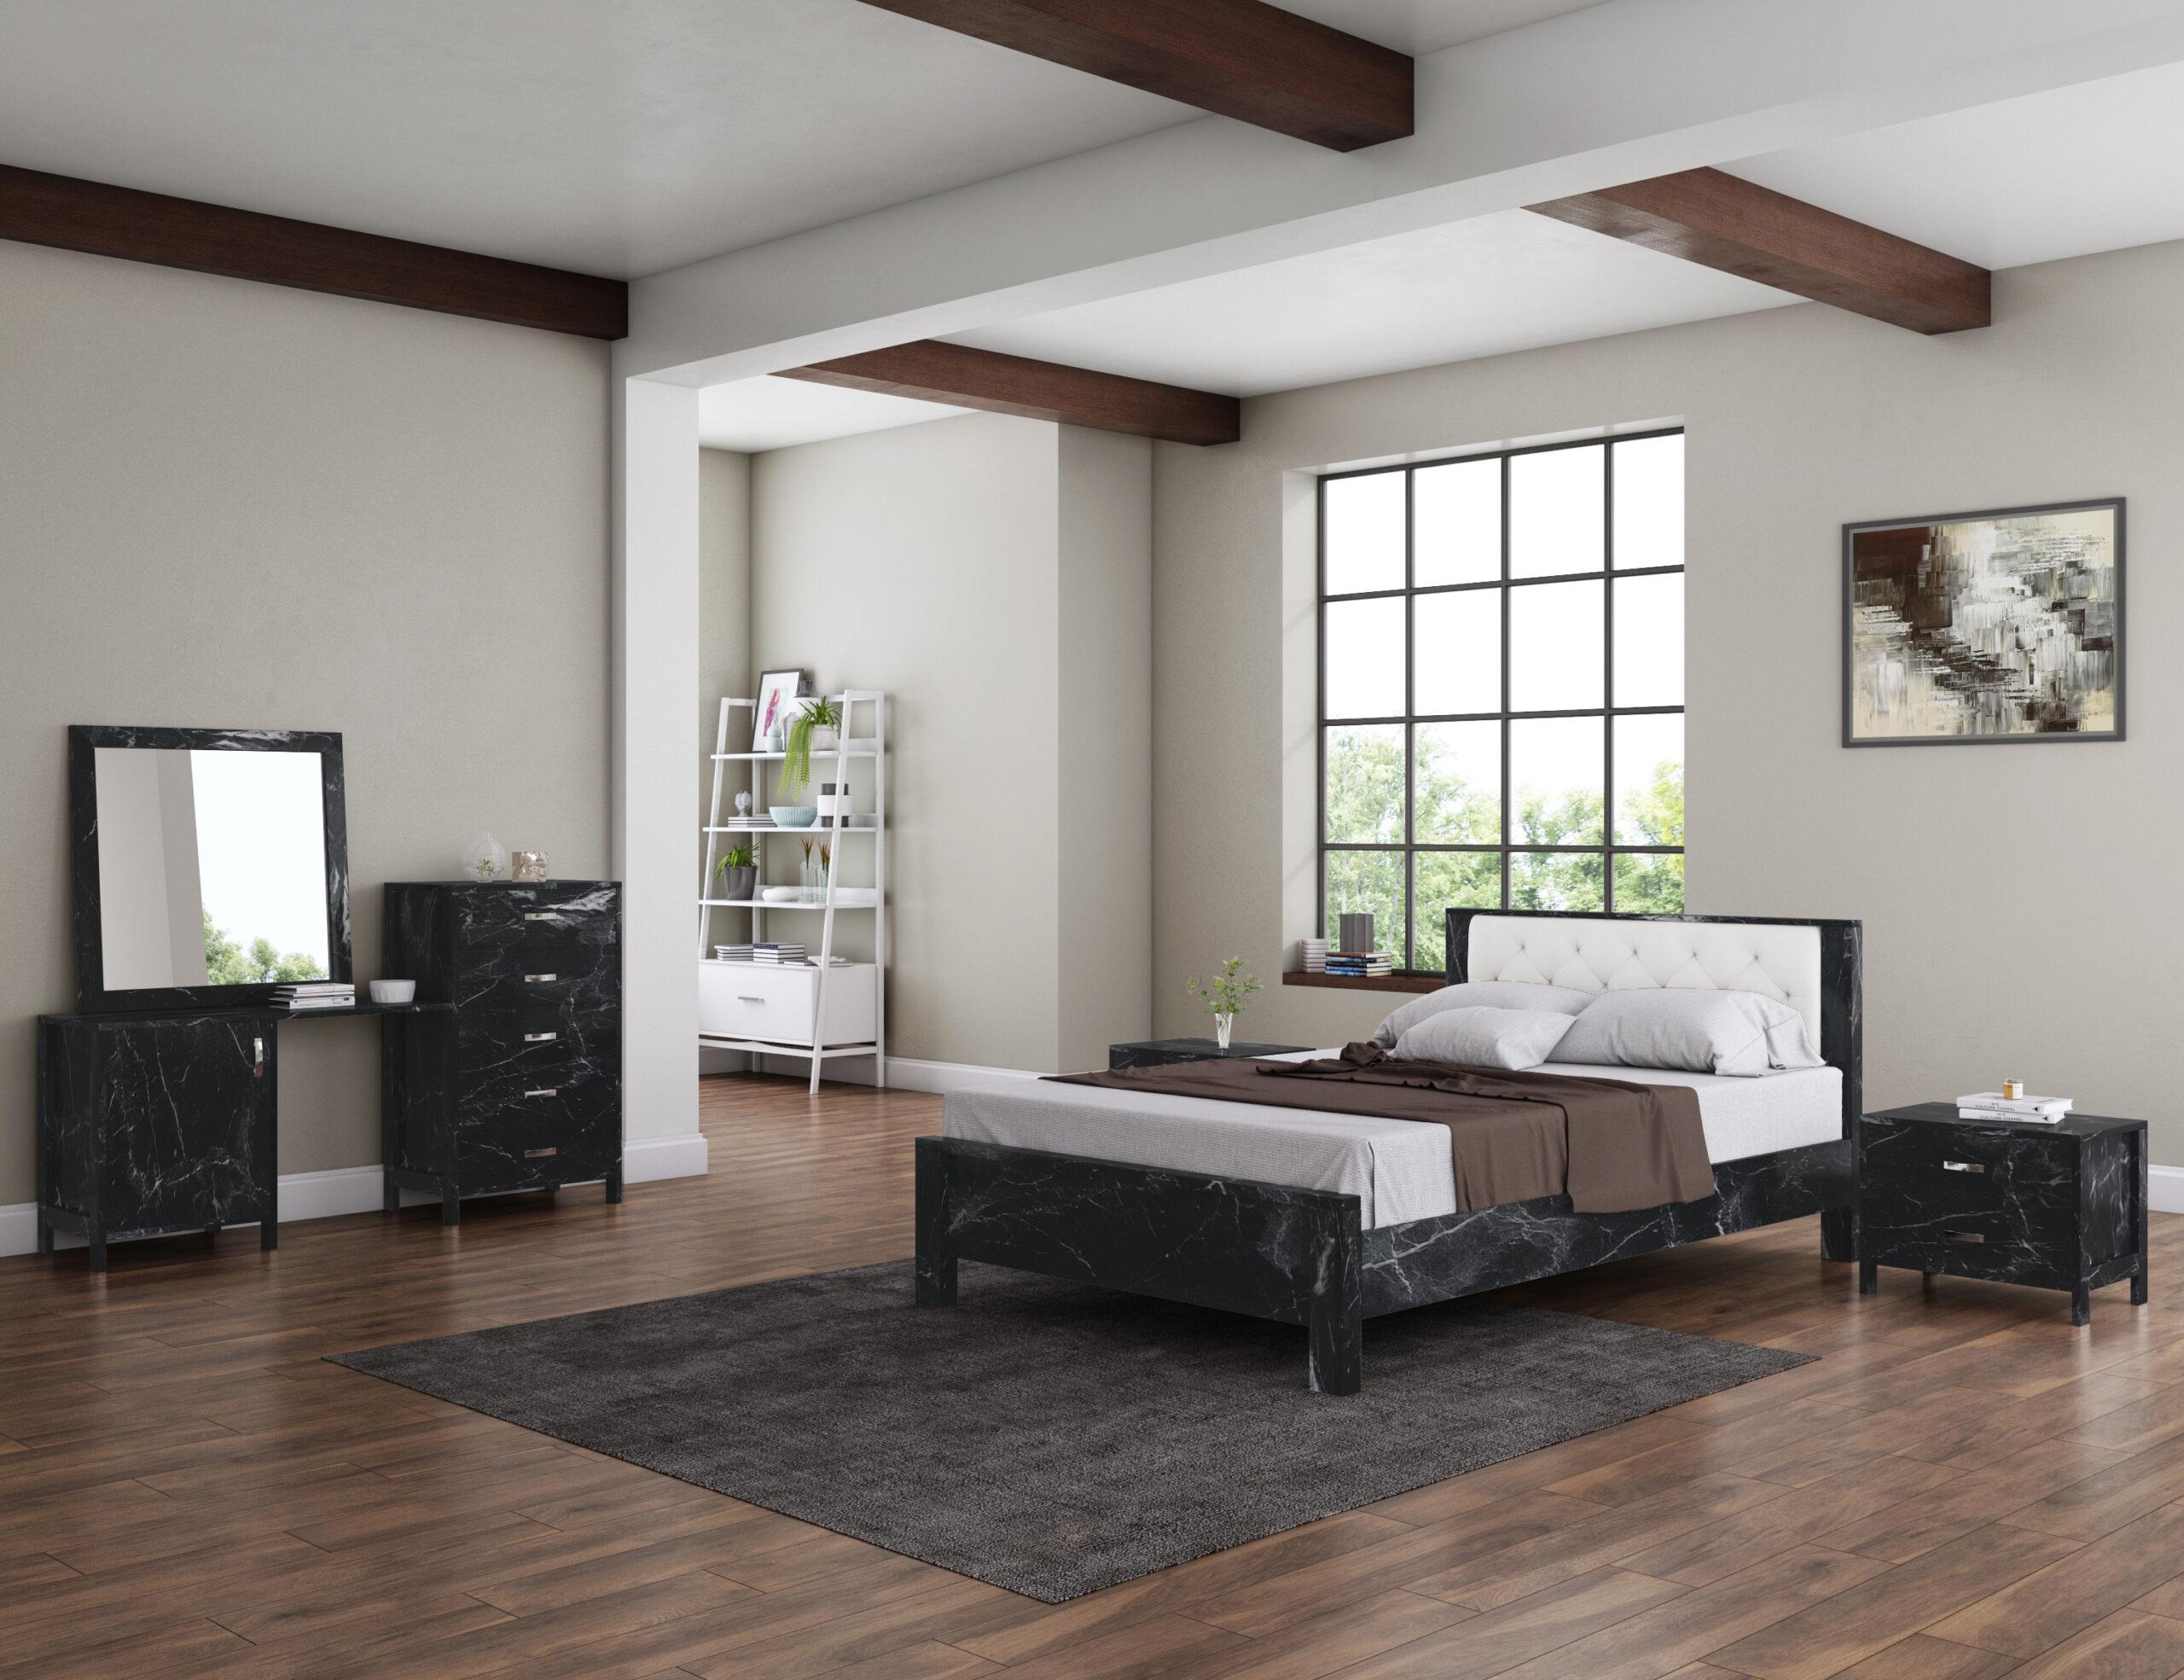 חדר שינה יוגב